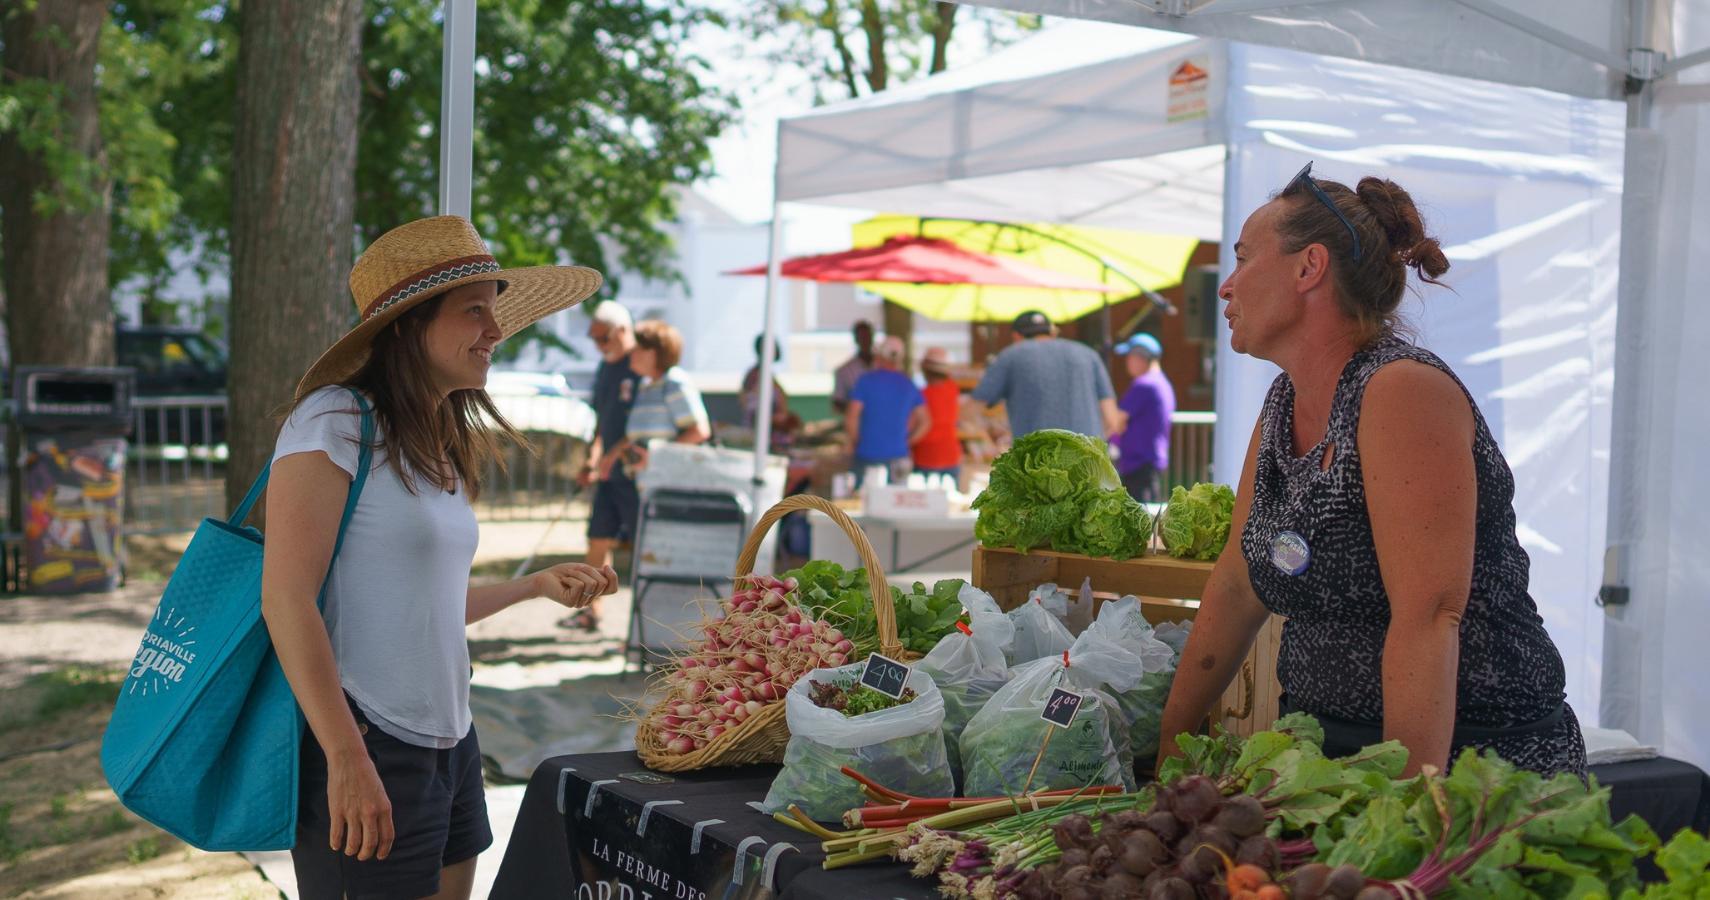 Nos marchés publics: c'est bon, c'est beau et c'est toujours frais - Crédit photo: Guy Samson